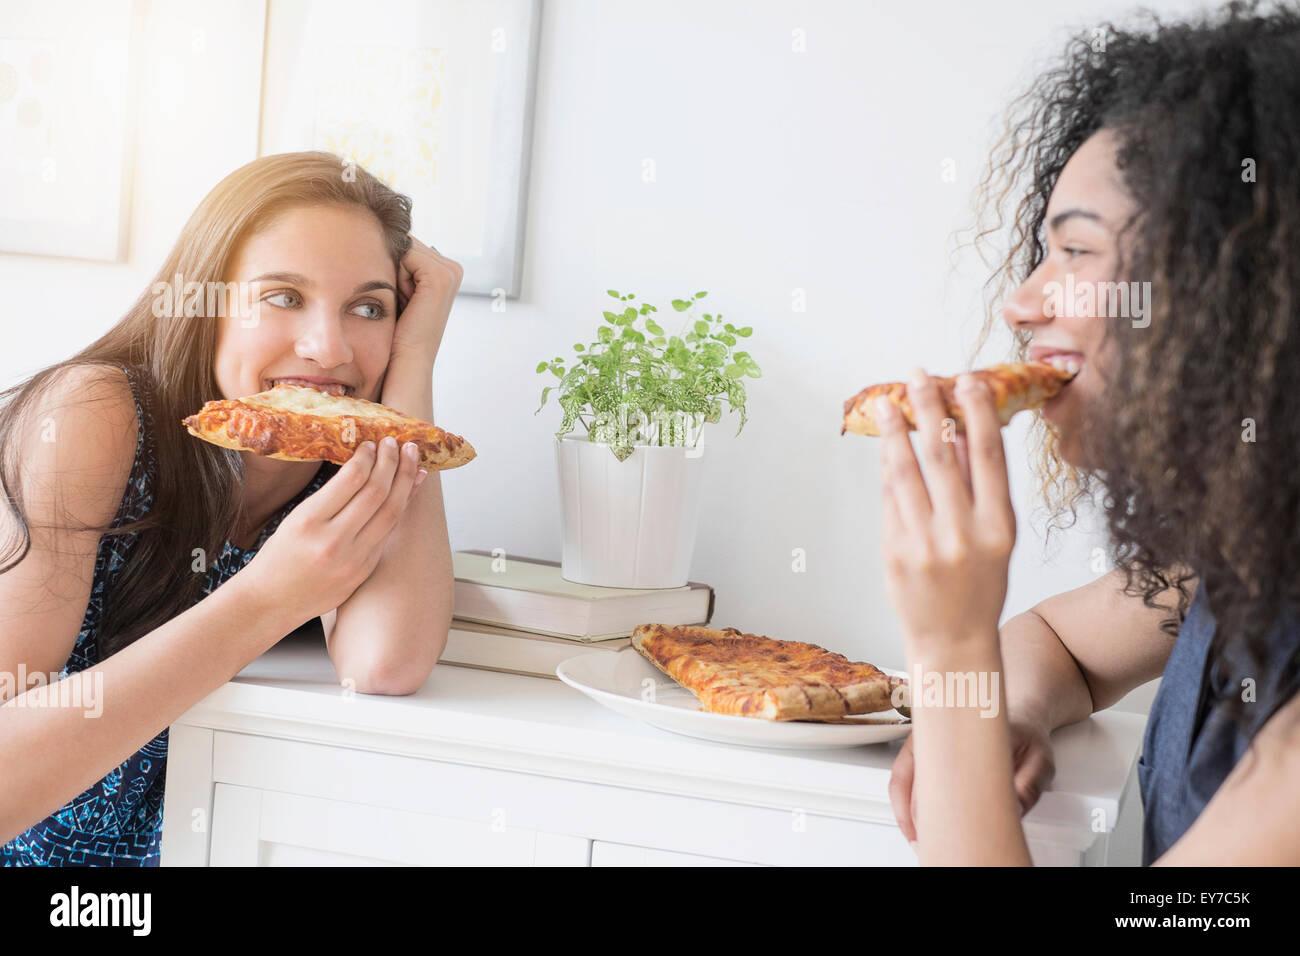 Le ragazze adolescenti (14-15, 16-17) mangiare la pizza Foto Stock